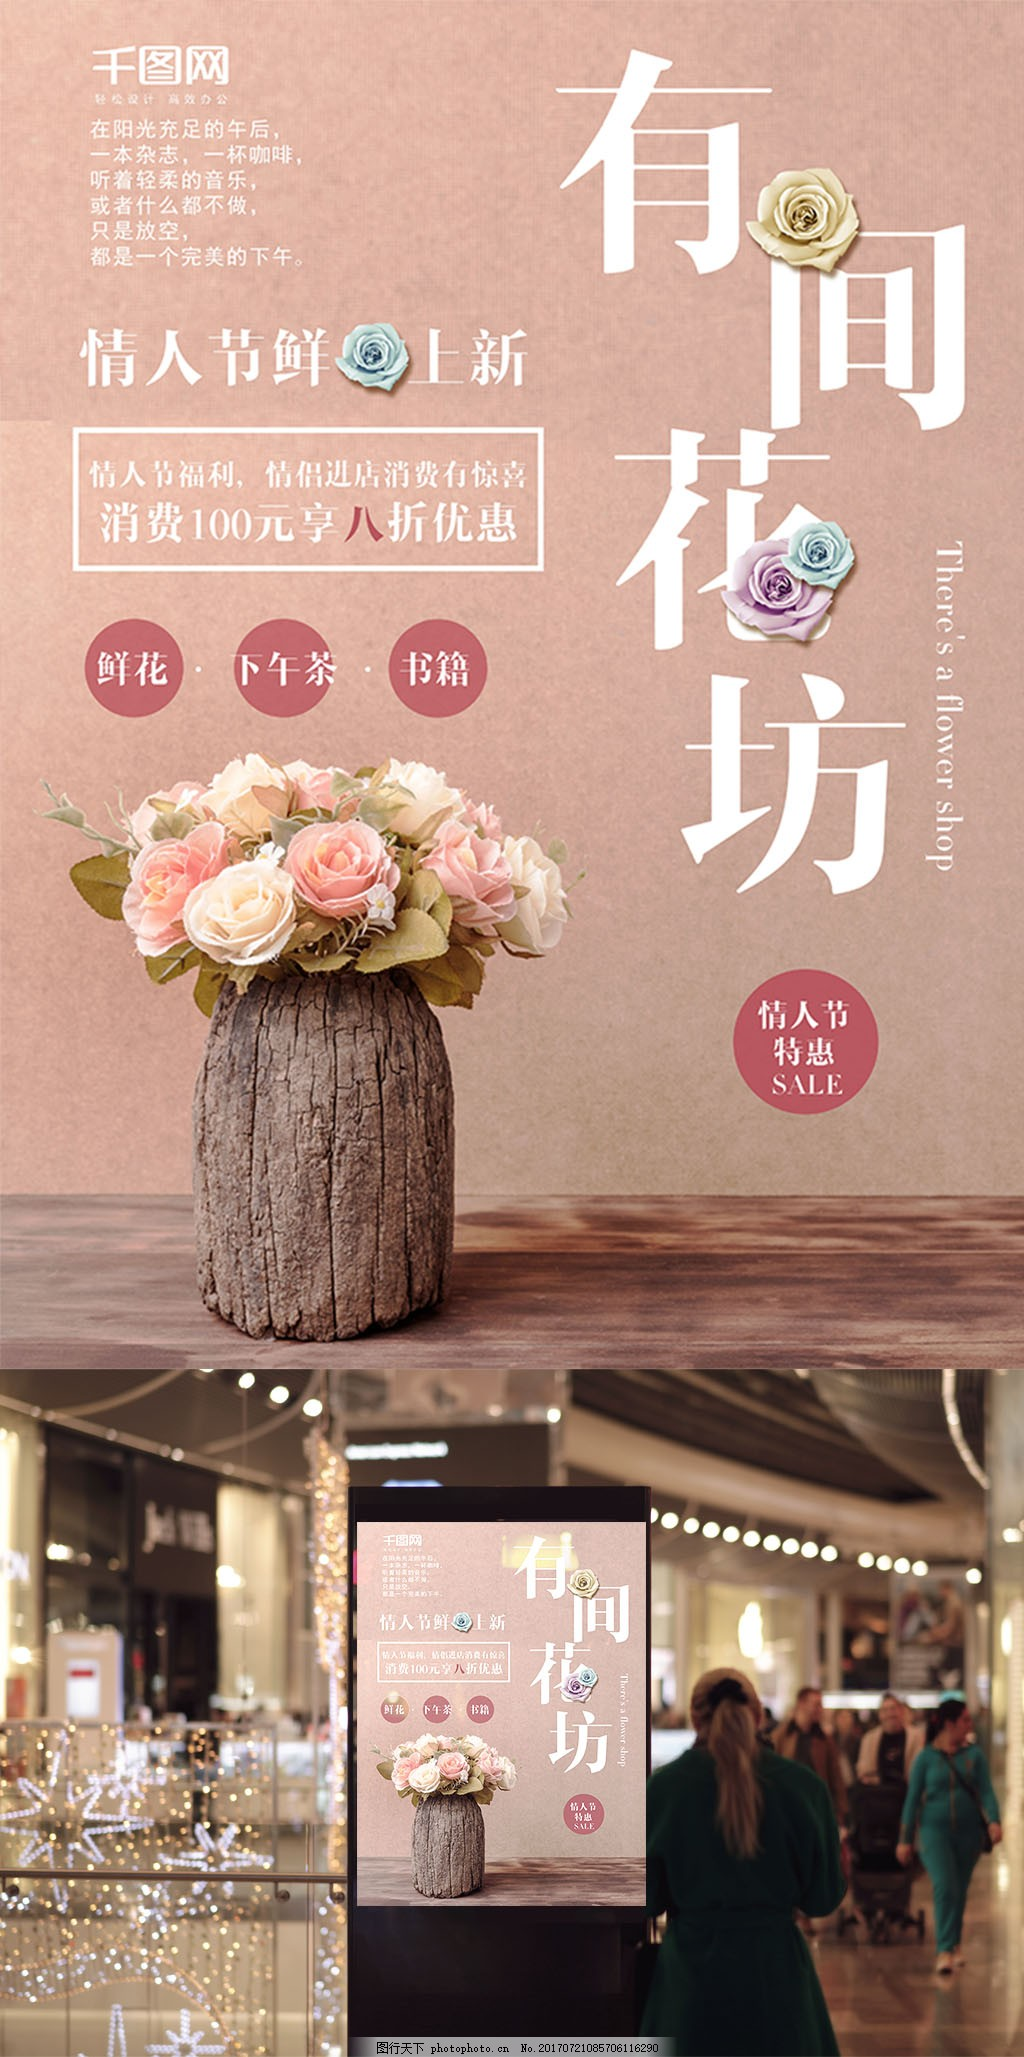 鲜花店文艺创意简约商业海报设计模板,花店海报 花卉